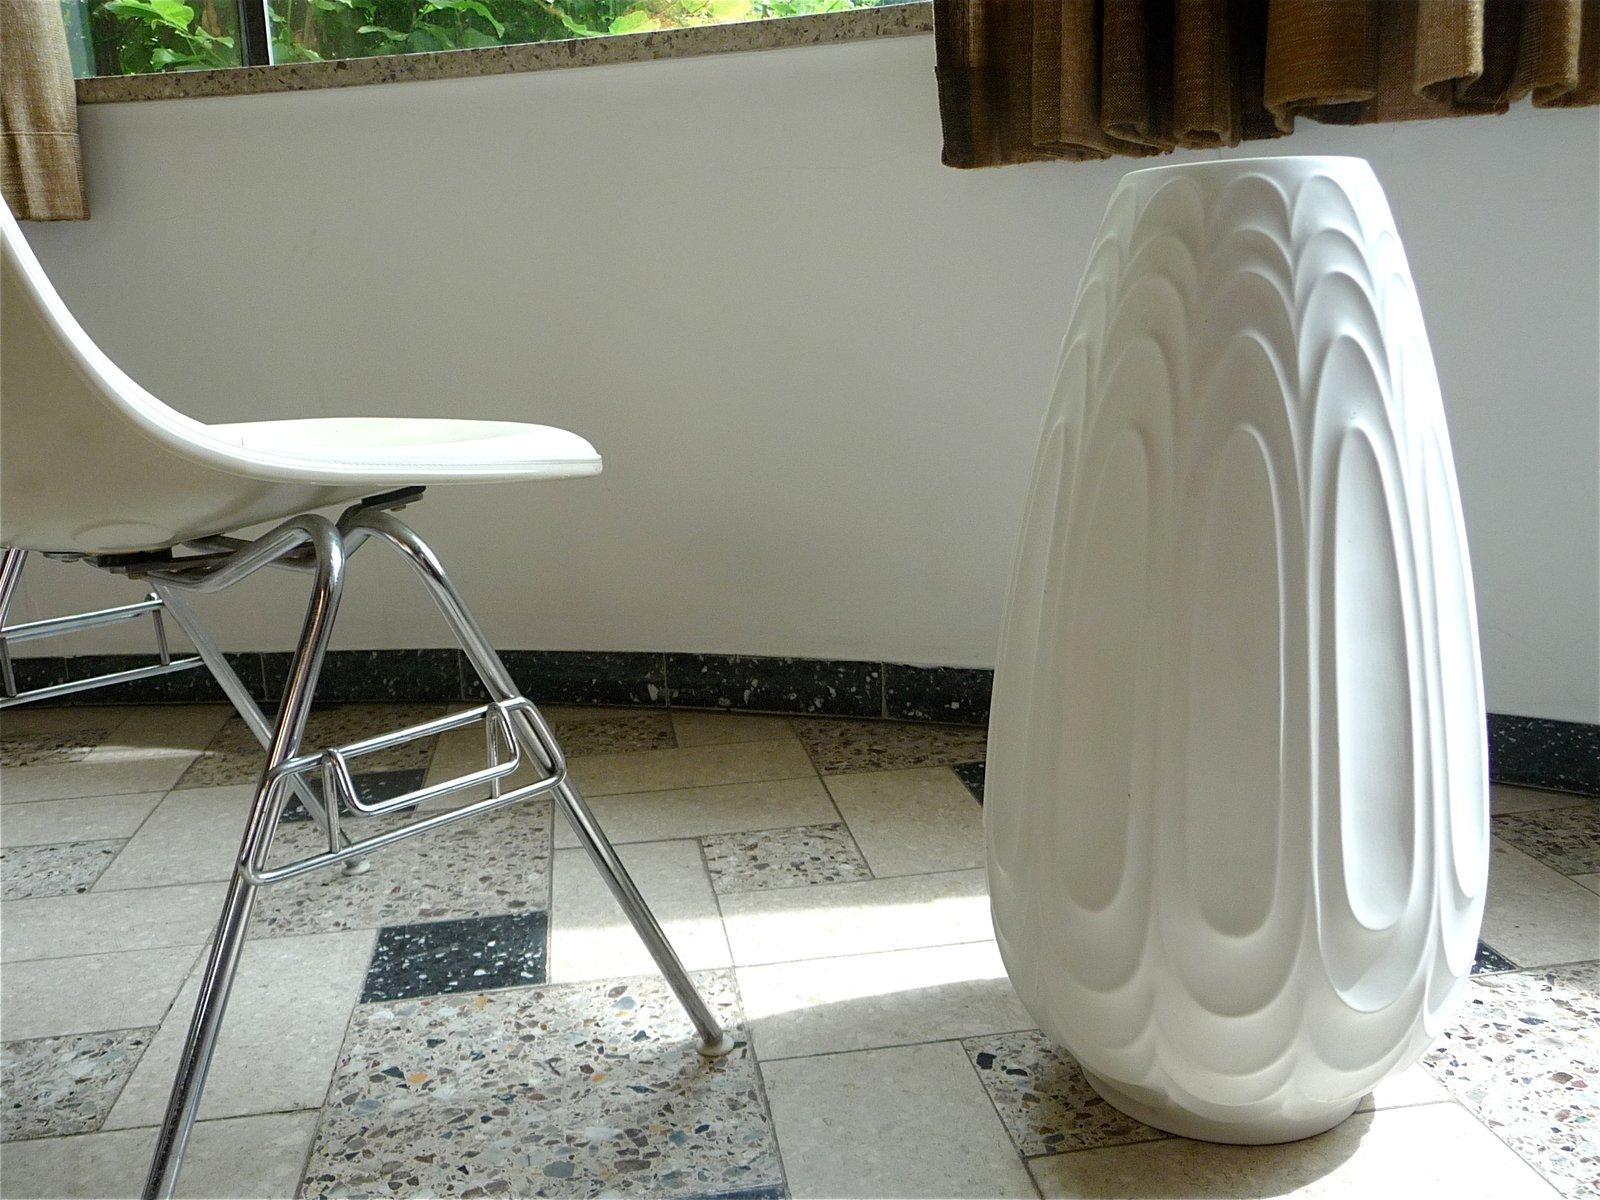 Jarr n de suelo alem n grande de porcelana de h c heinrich a os 60 en venta en pamono - Suelos de porcelana ...